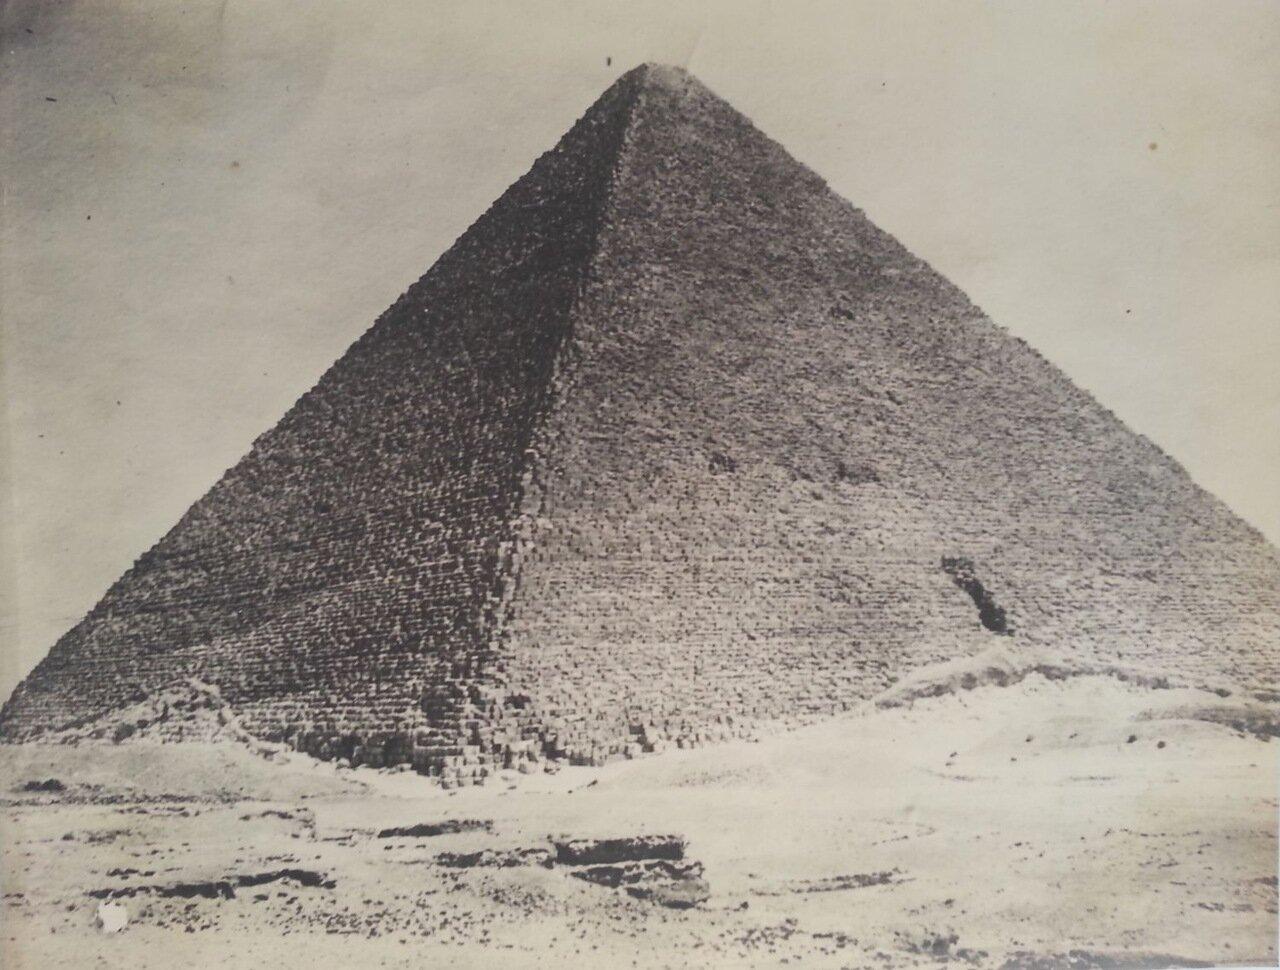 Гиза. Пирамида. 1920